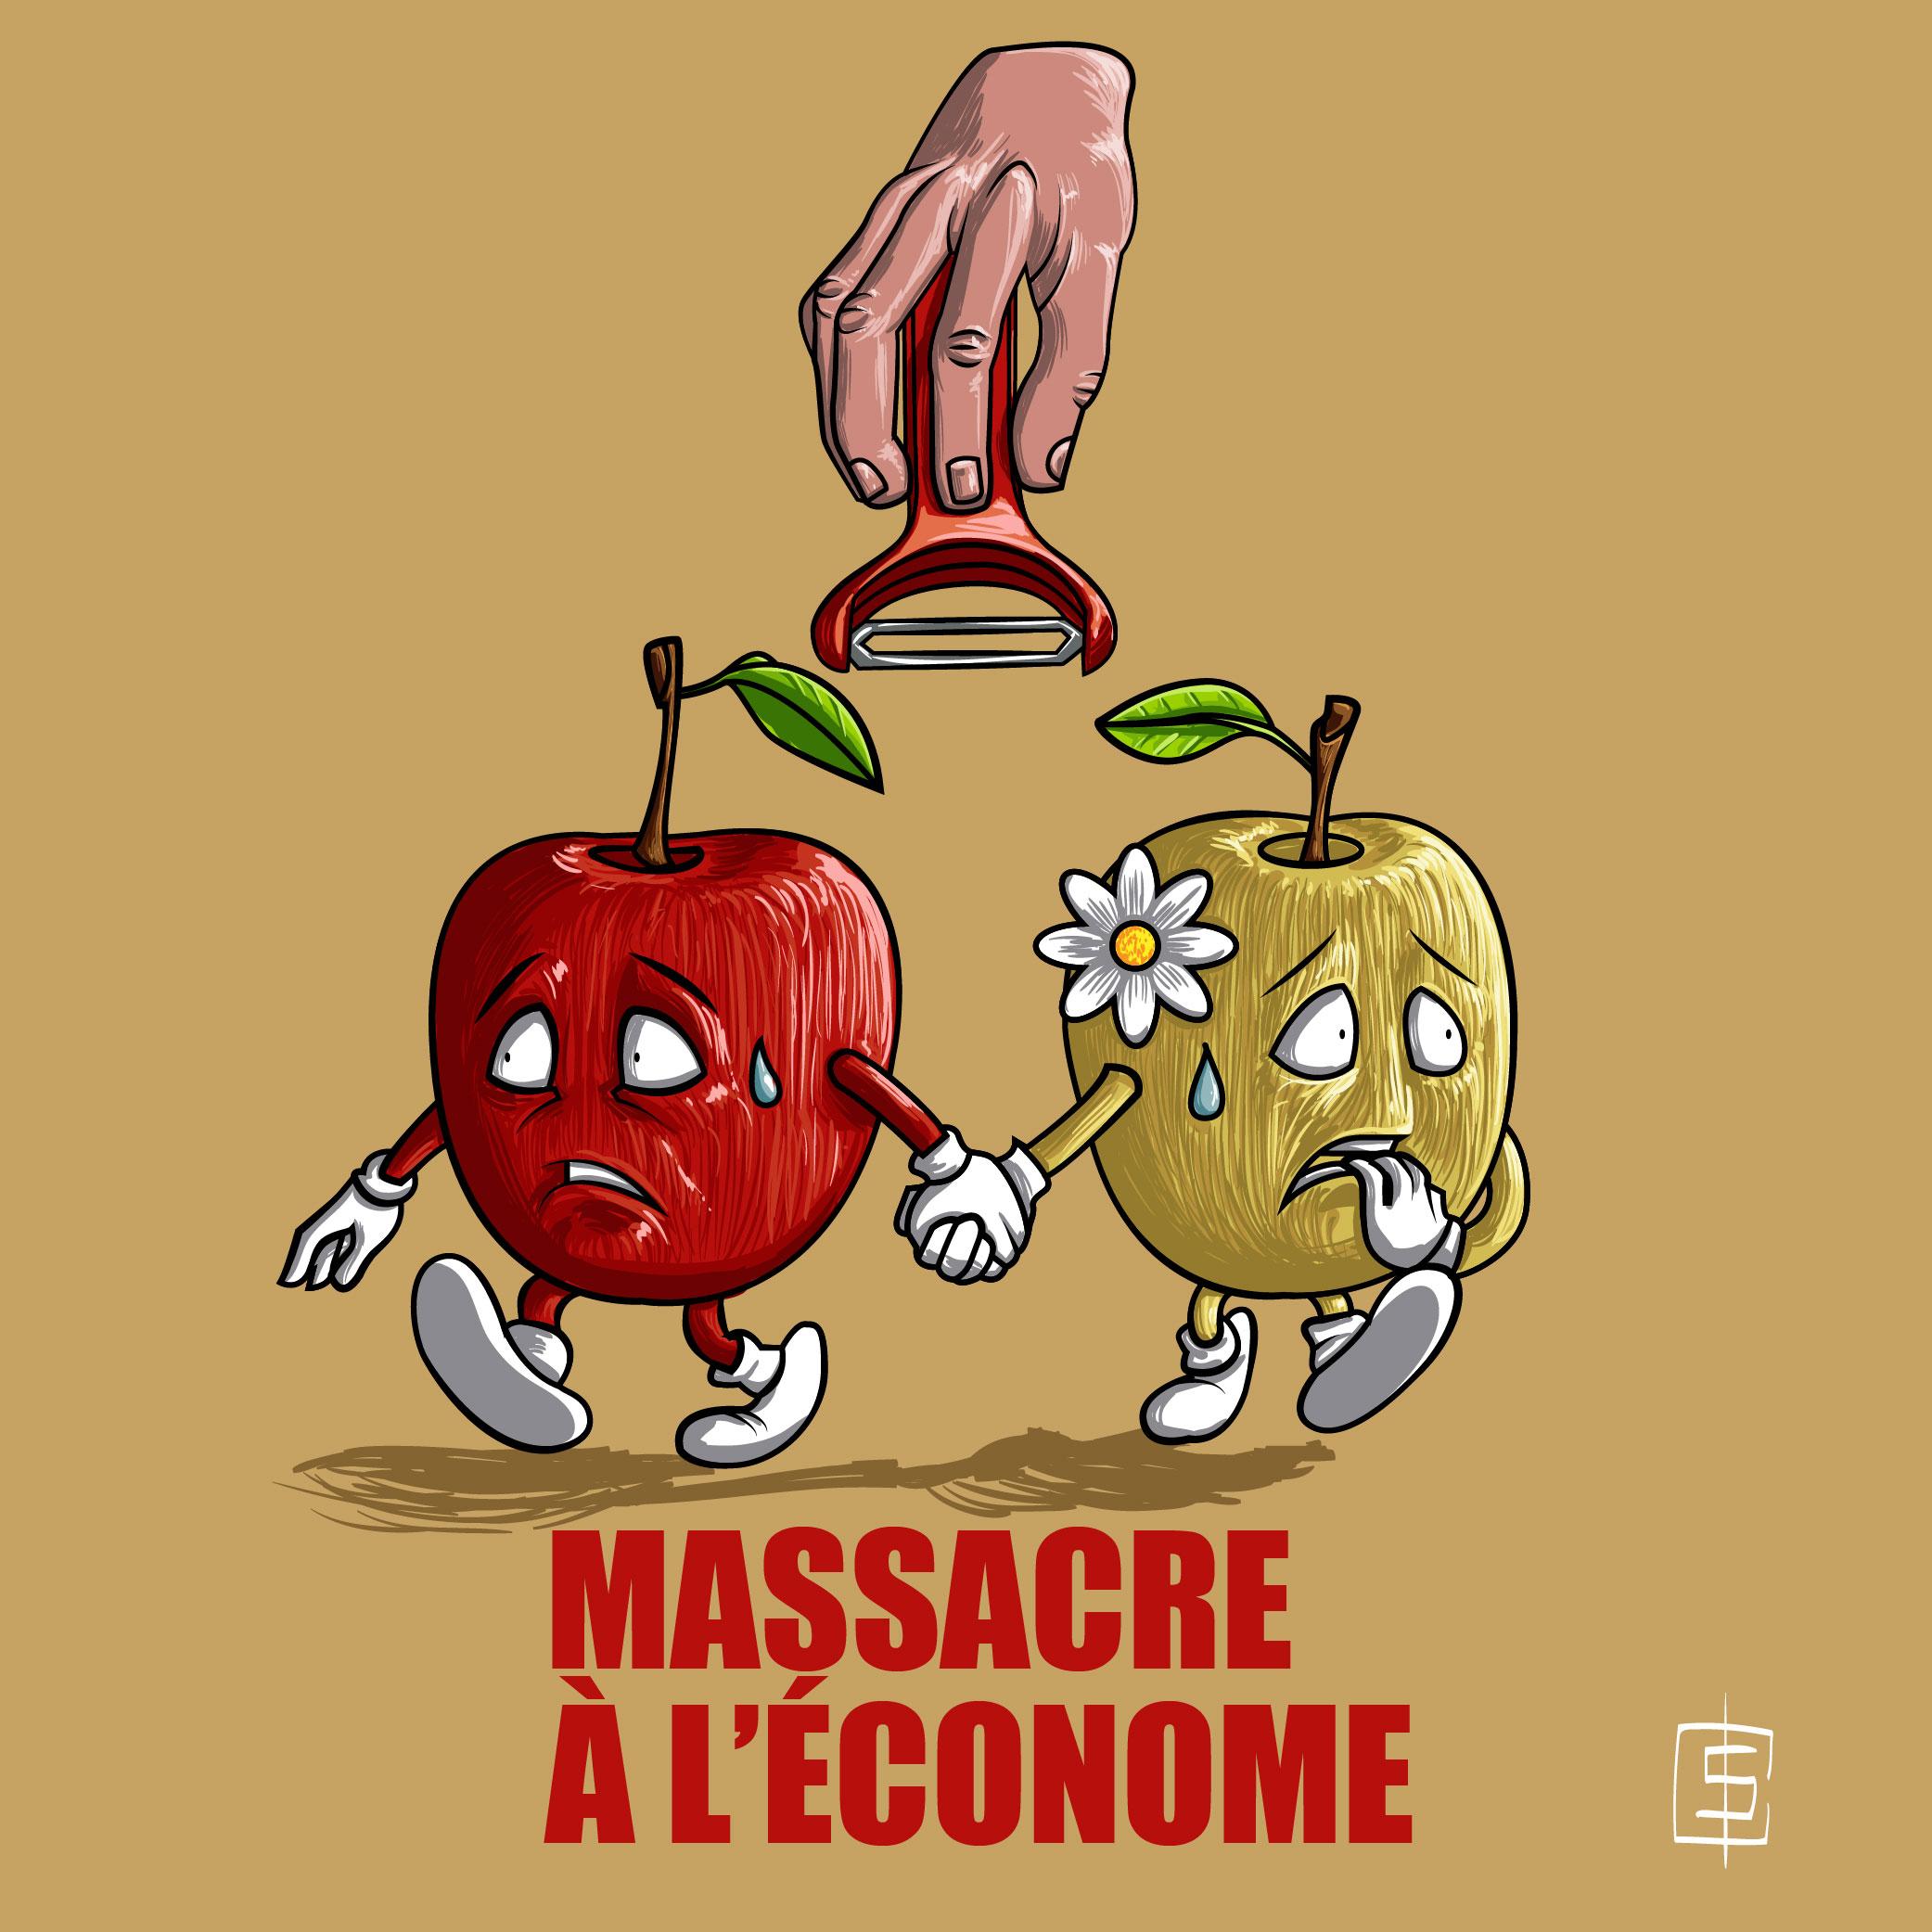 massacre-a-econome